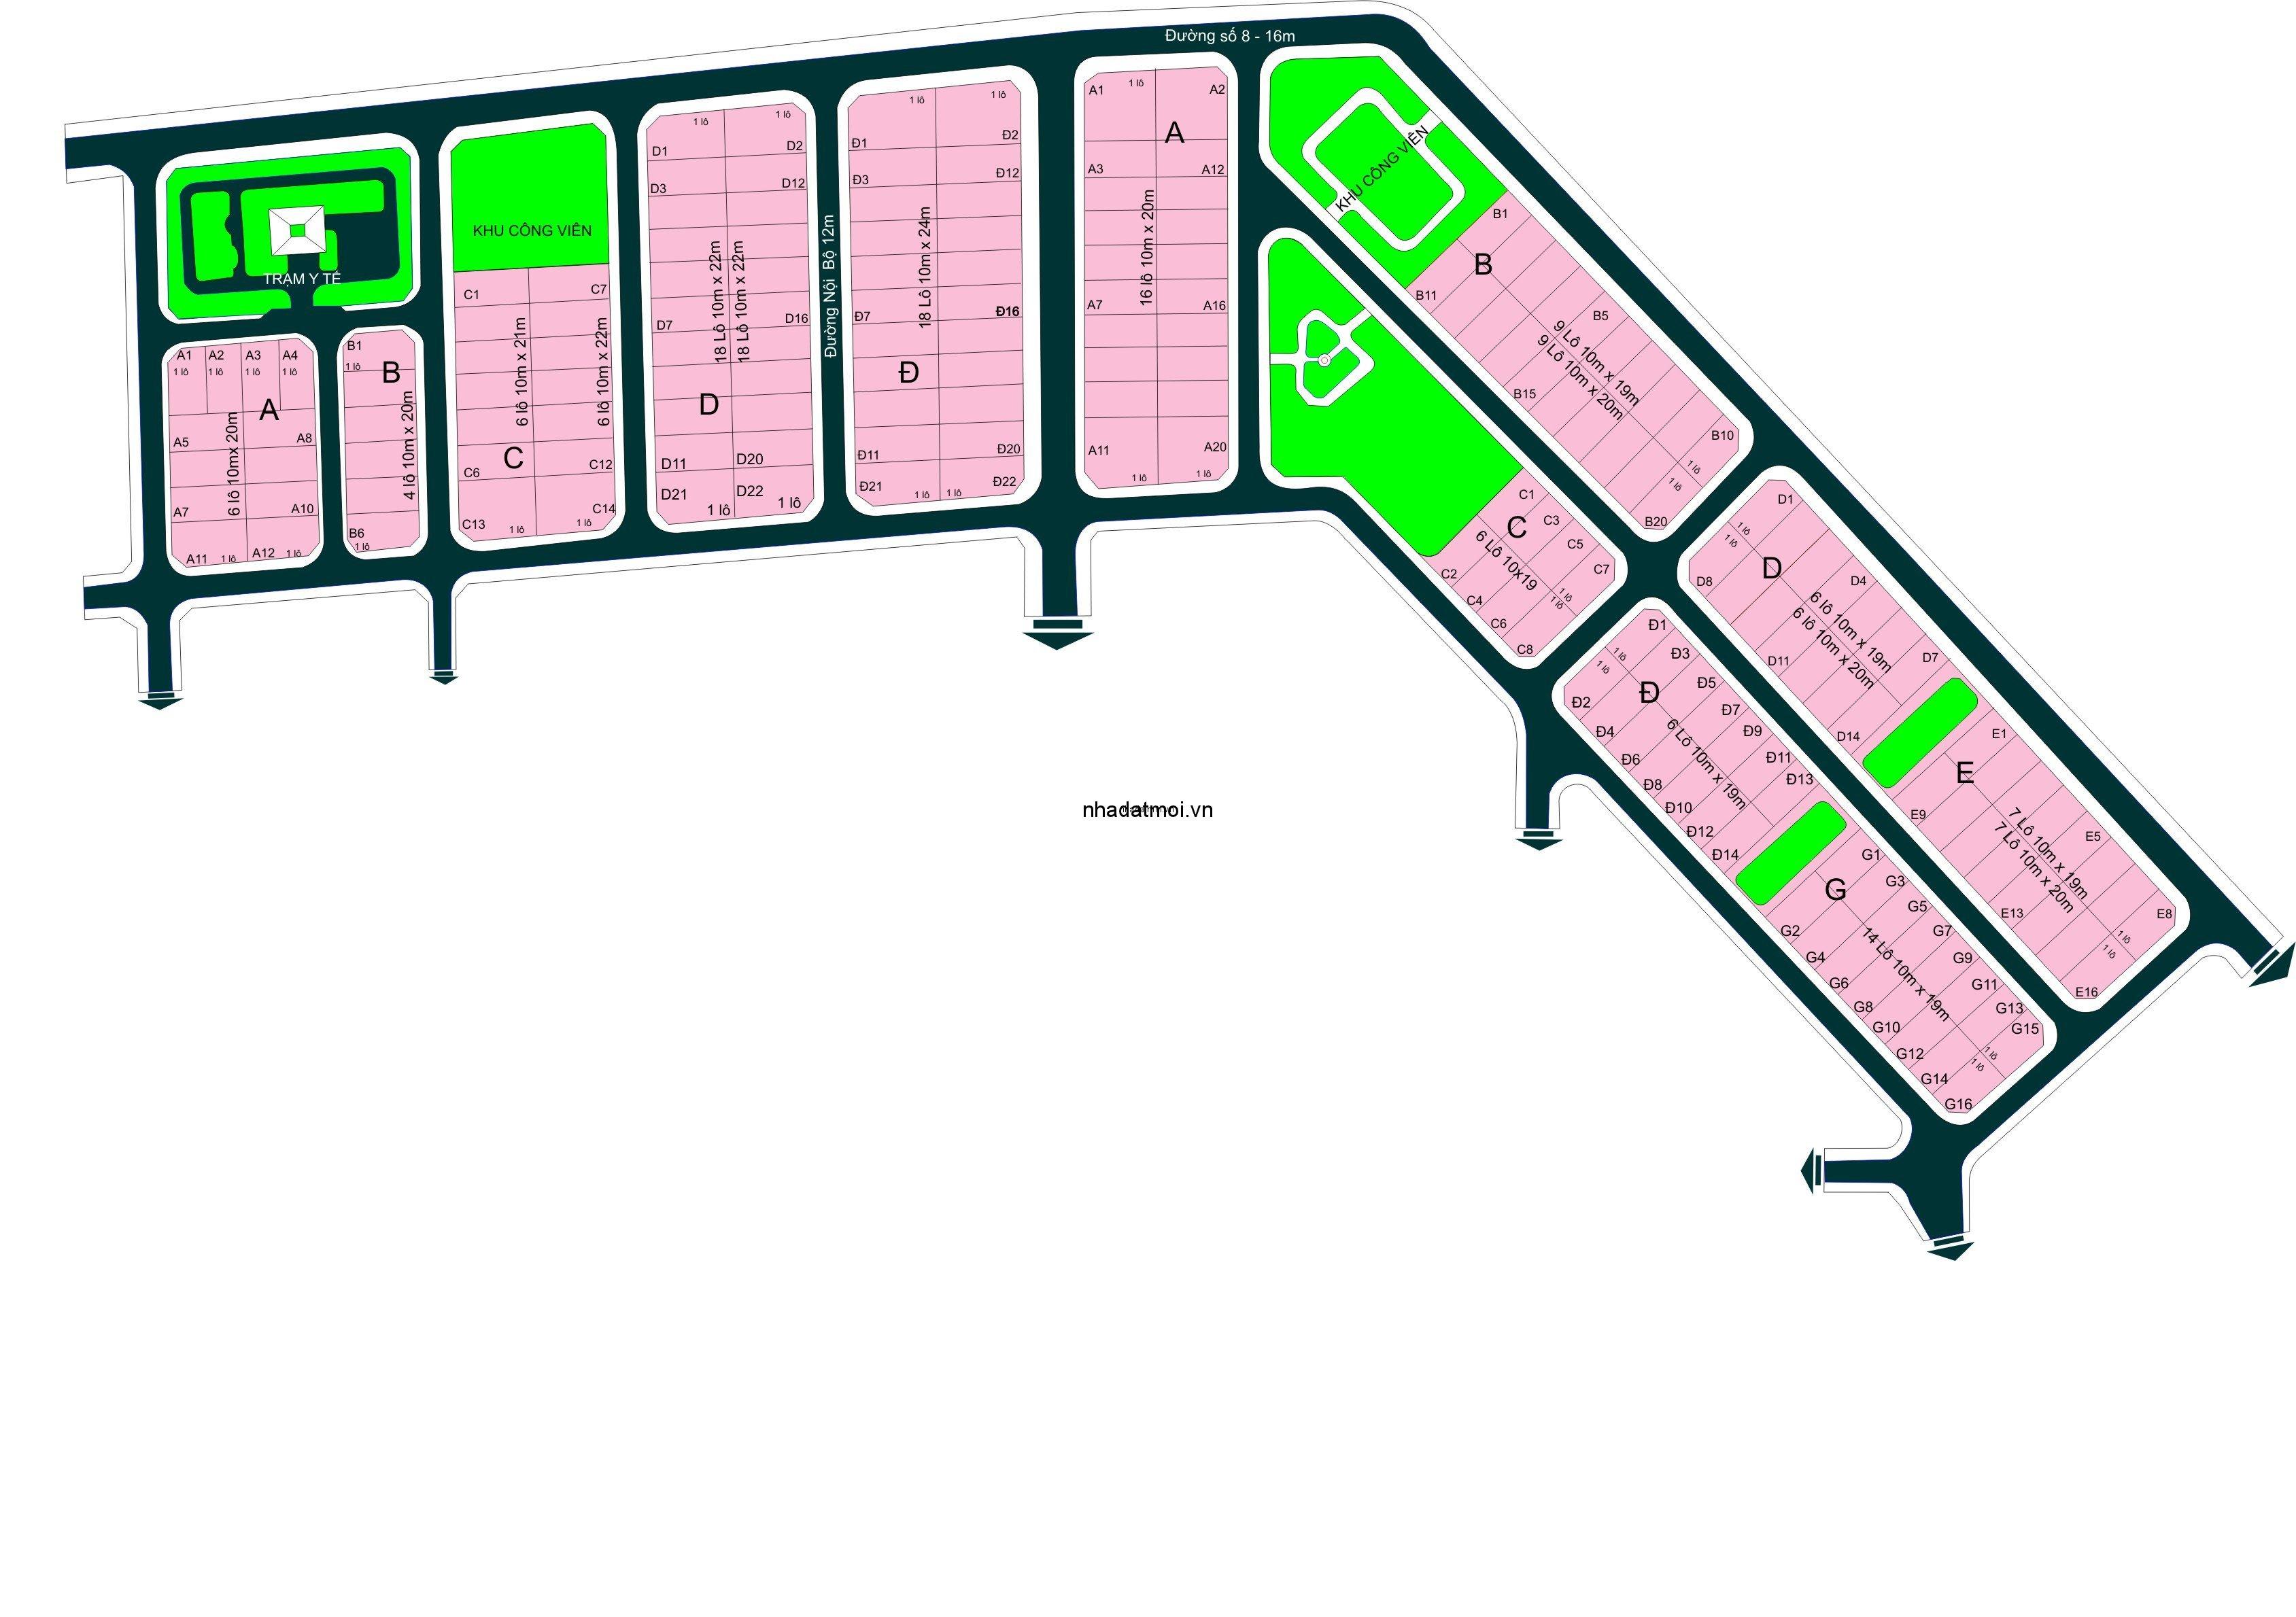 Dự án DV quản lý nhà Q1 trong khu 154 ha Khu dân cư Bình Trưng Đông - Cát Lái Quận 2